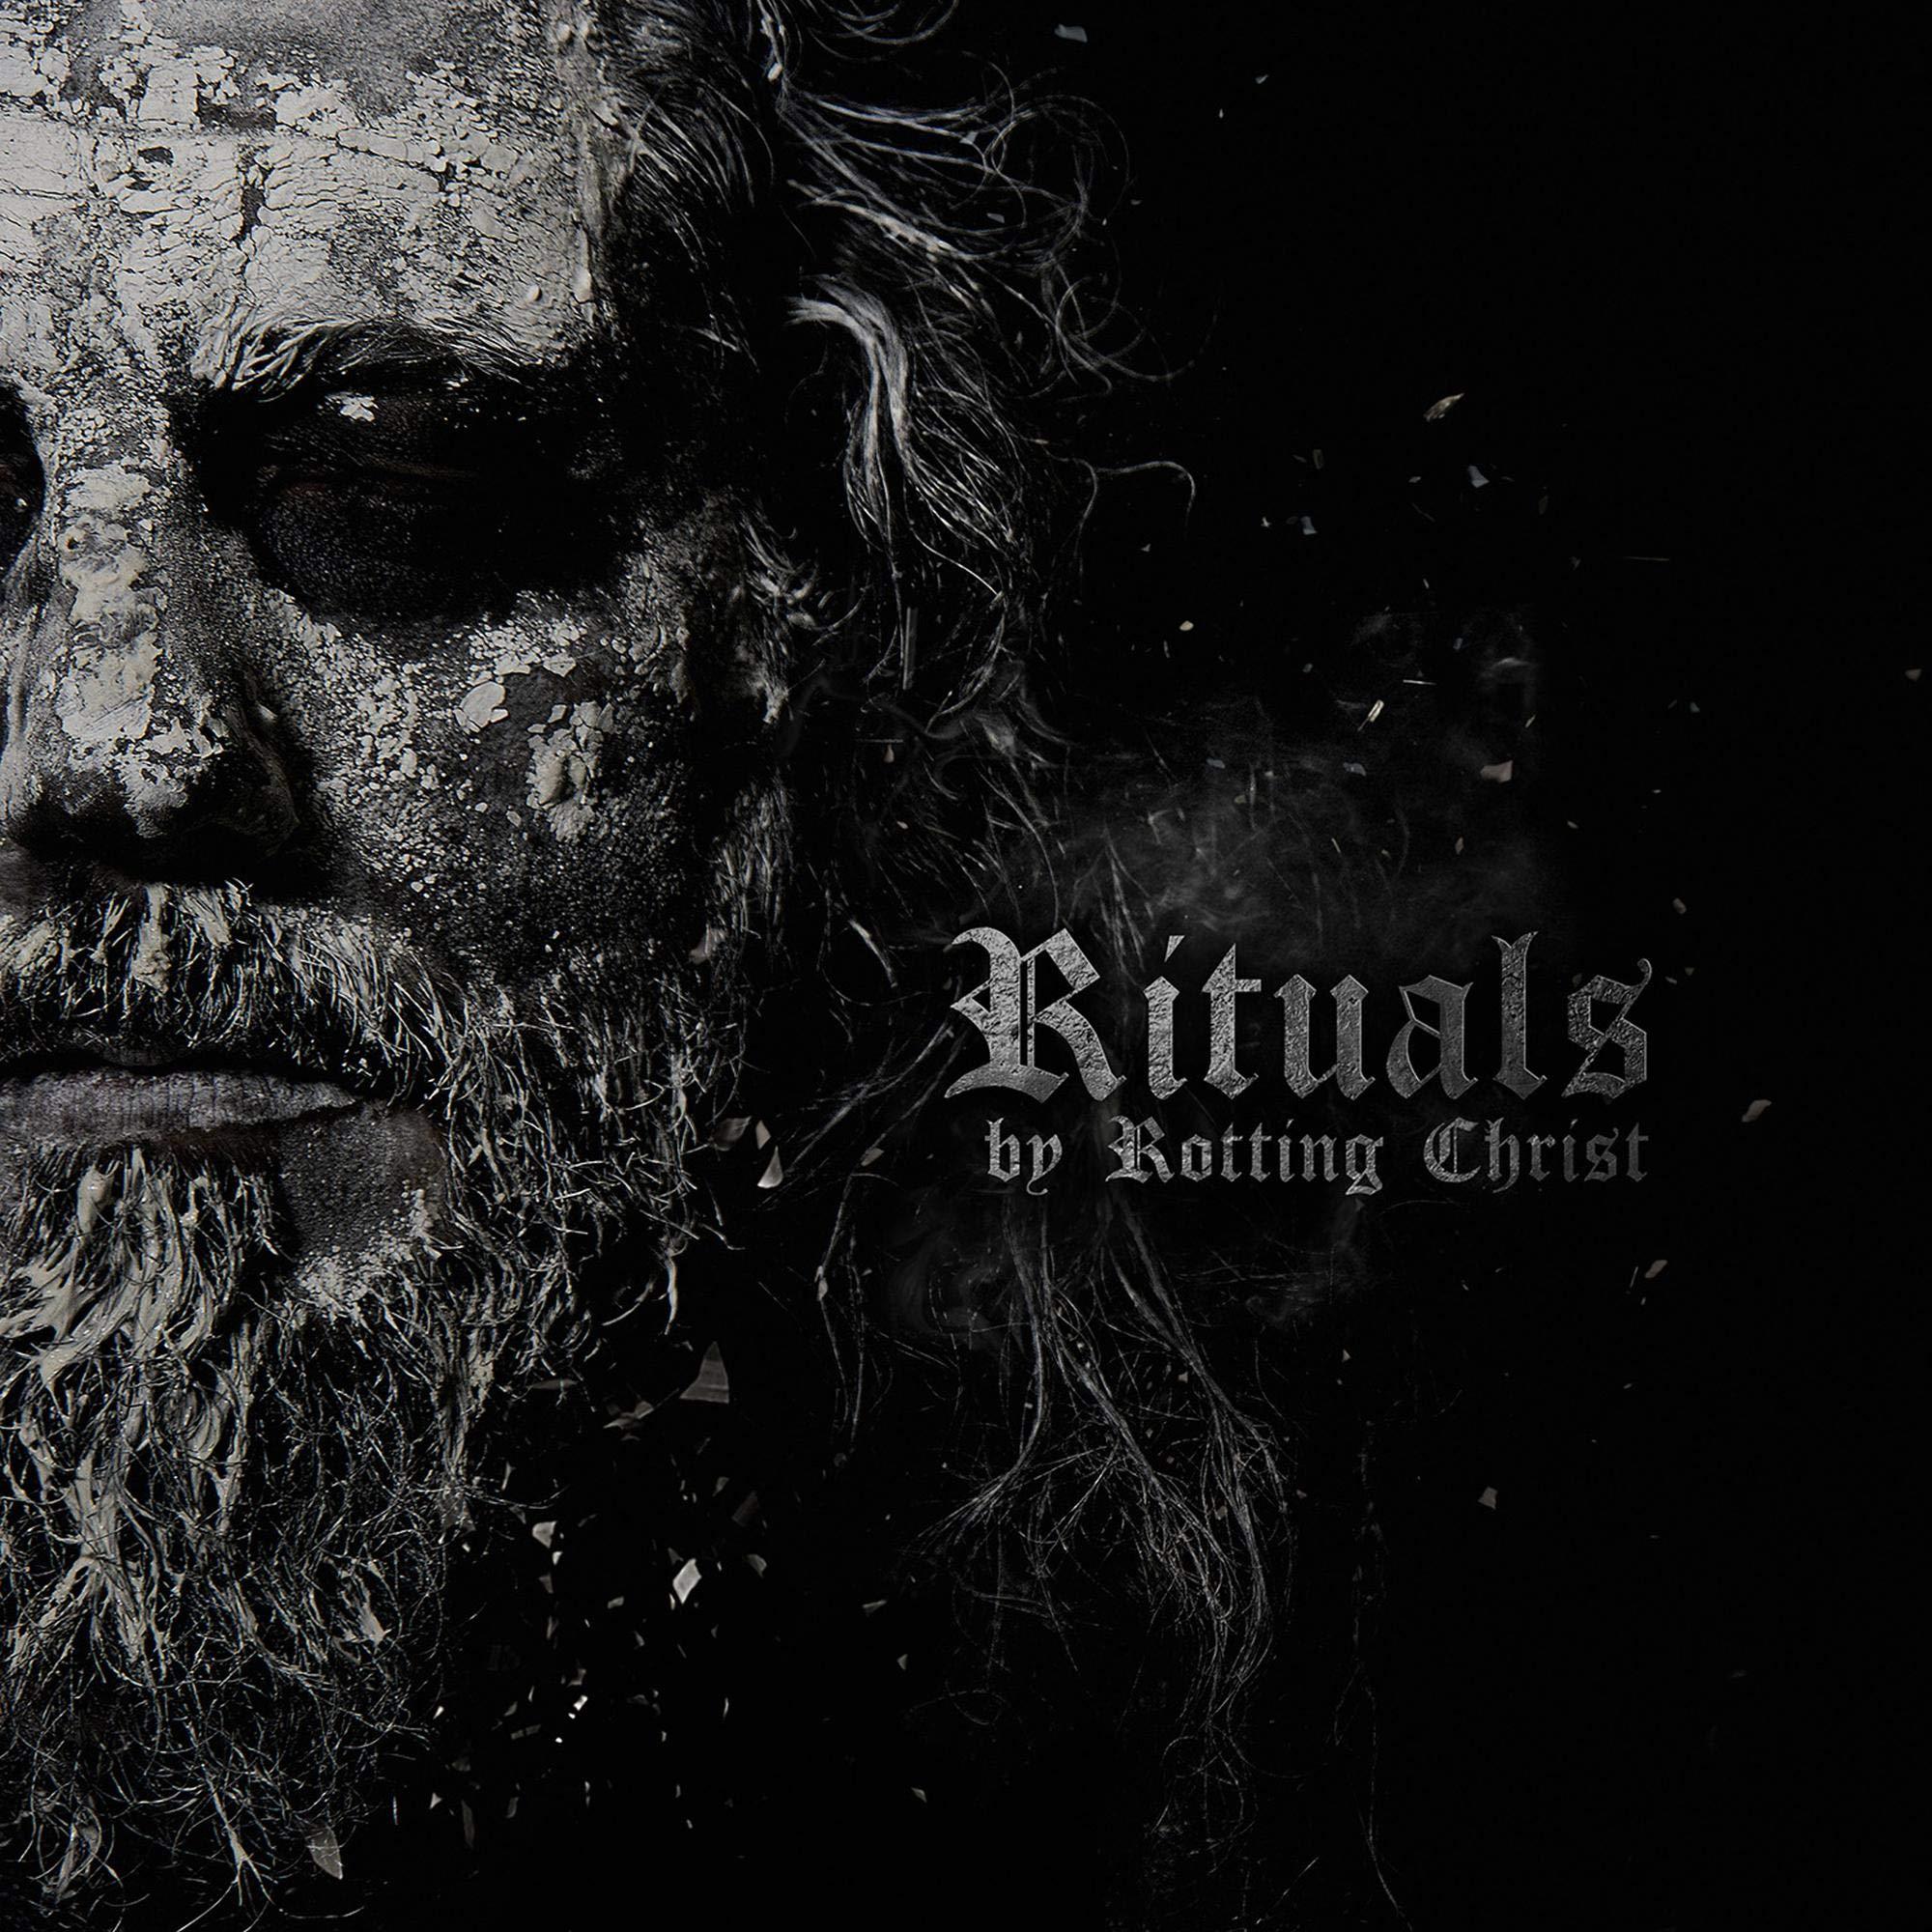 Vinile Rotting Christ - Rituals (2 Lp) NUOVO SIGILLATO, EDIZIONE DEL 25/10/2020 SUBITO DISPONIBILE